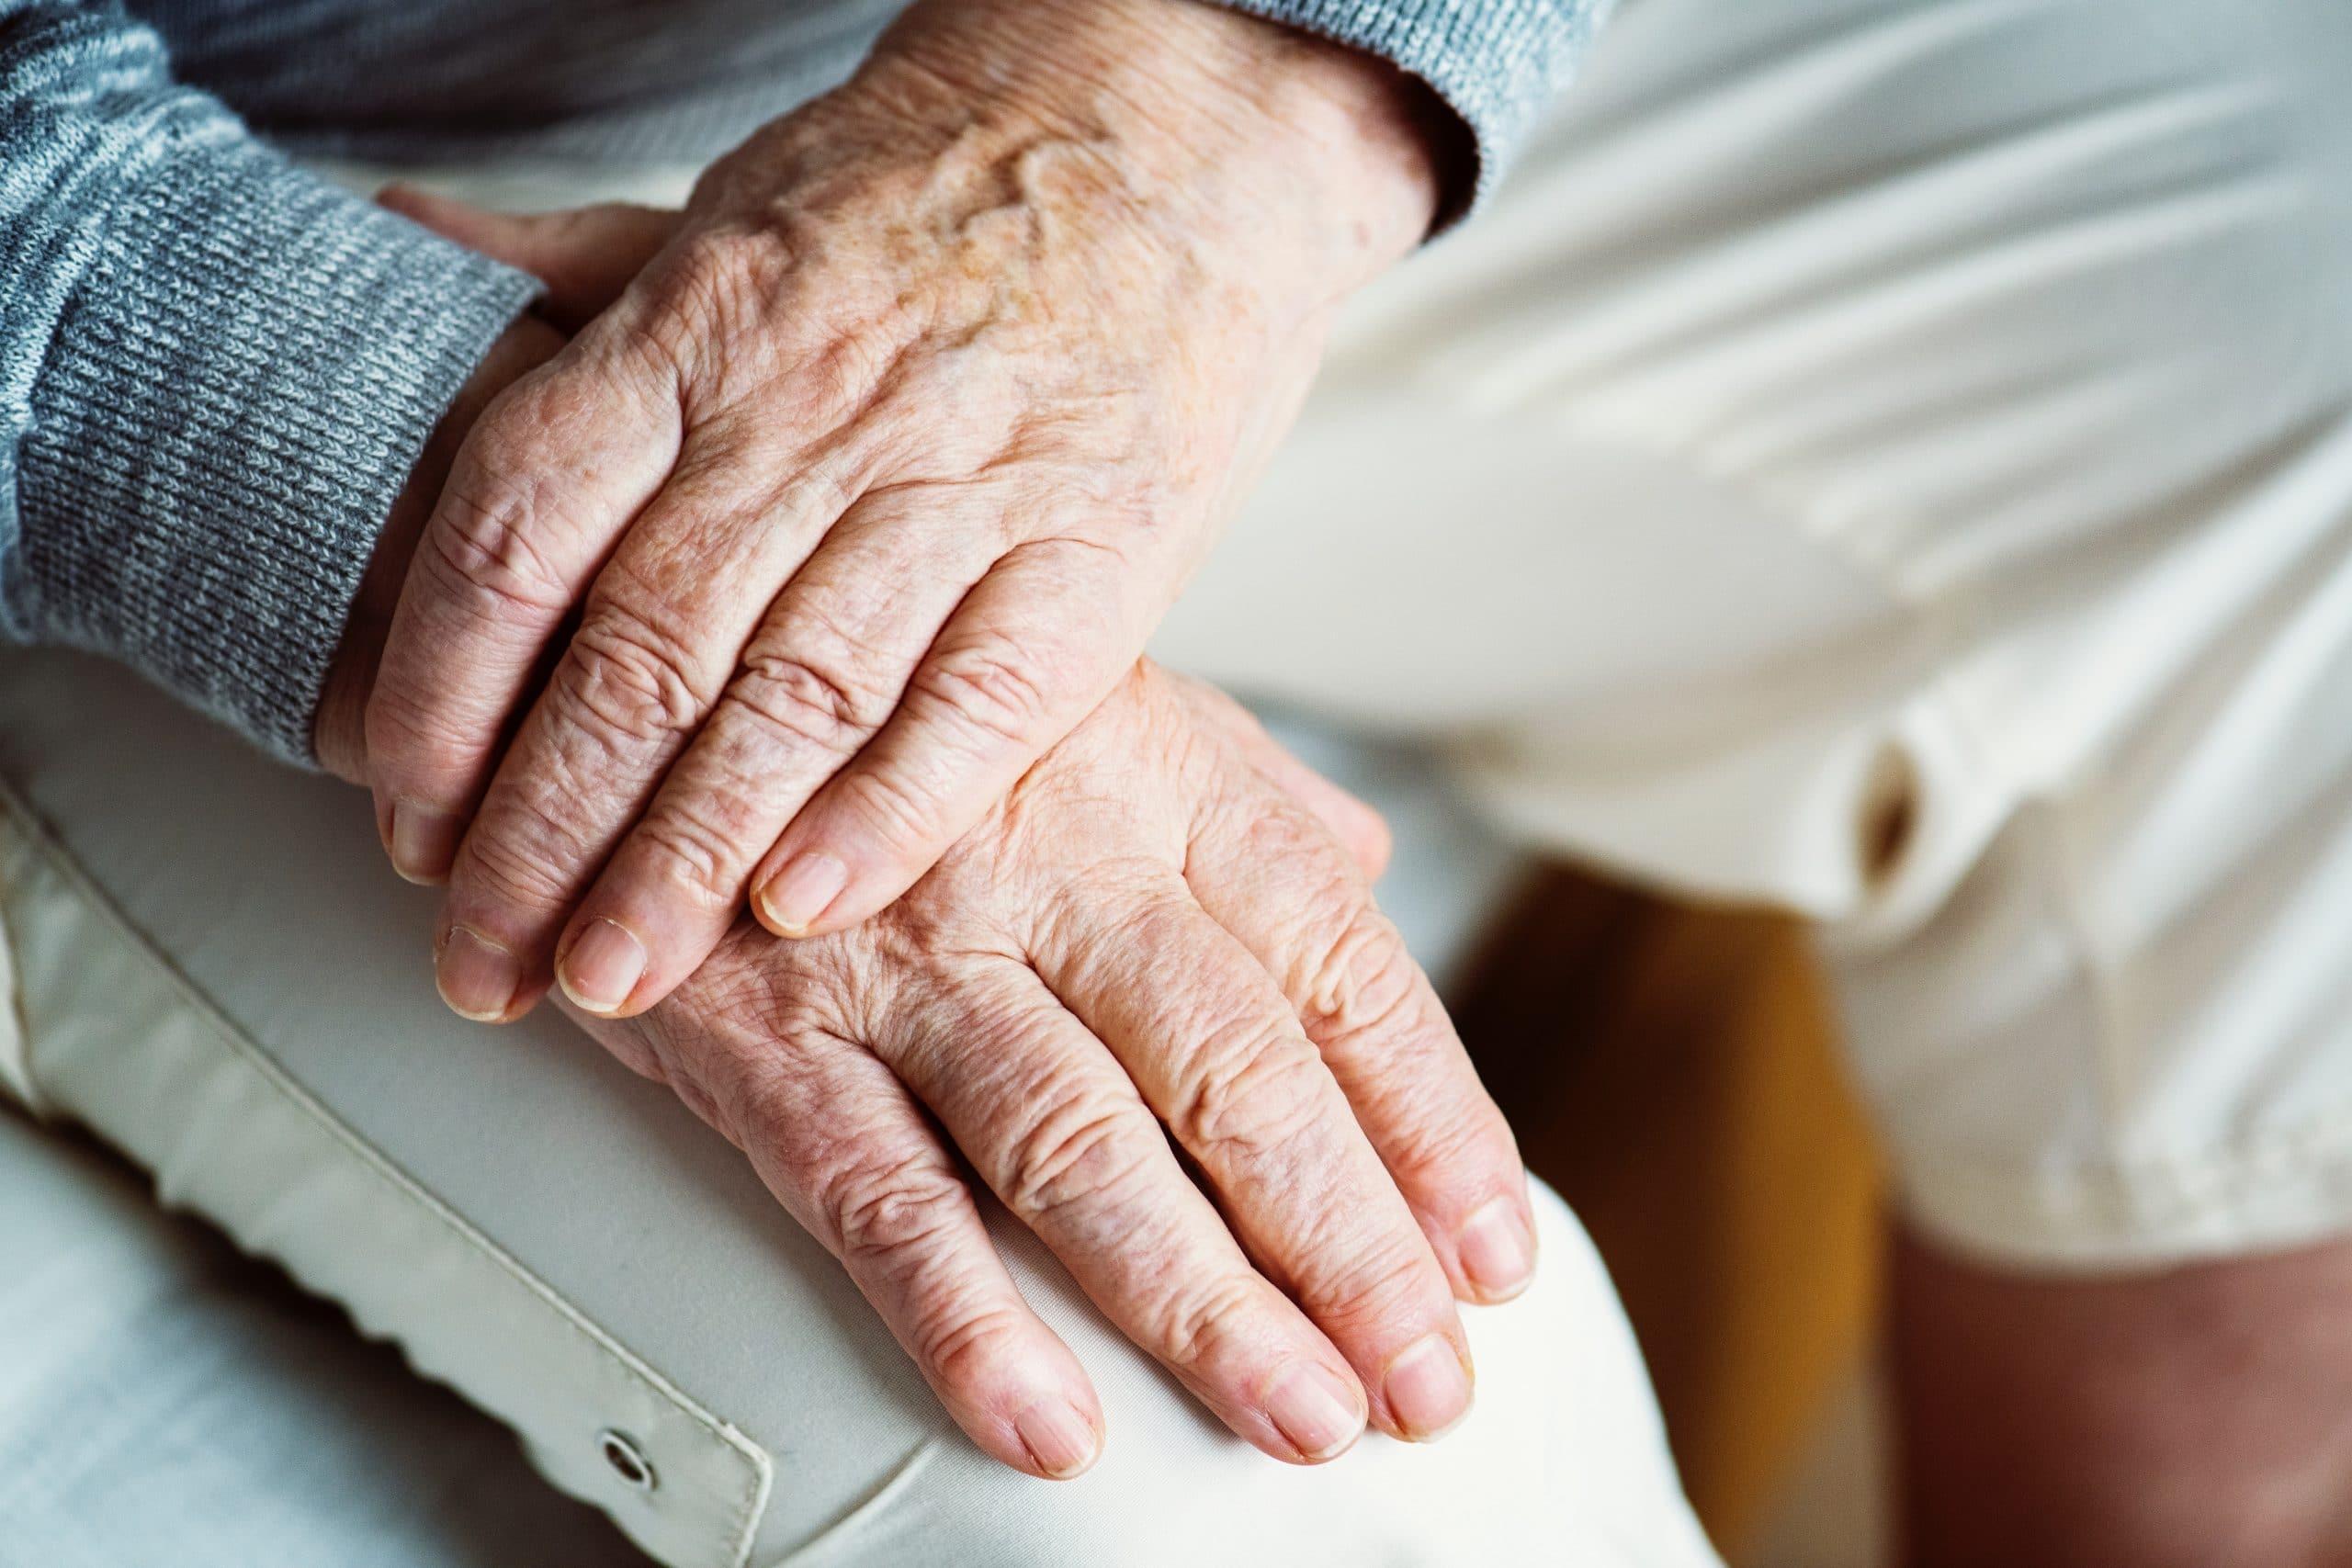 Mãos de idoso juntas.